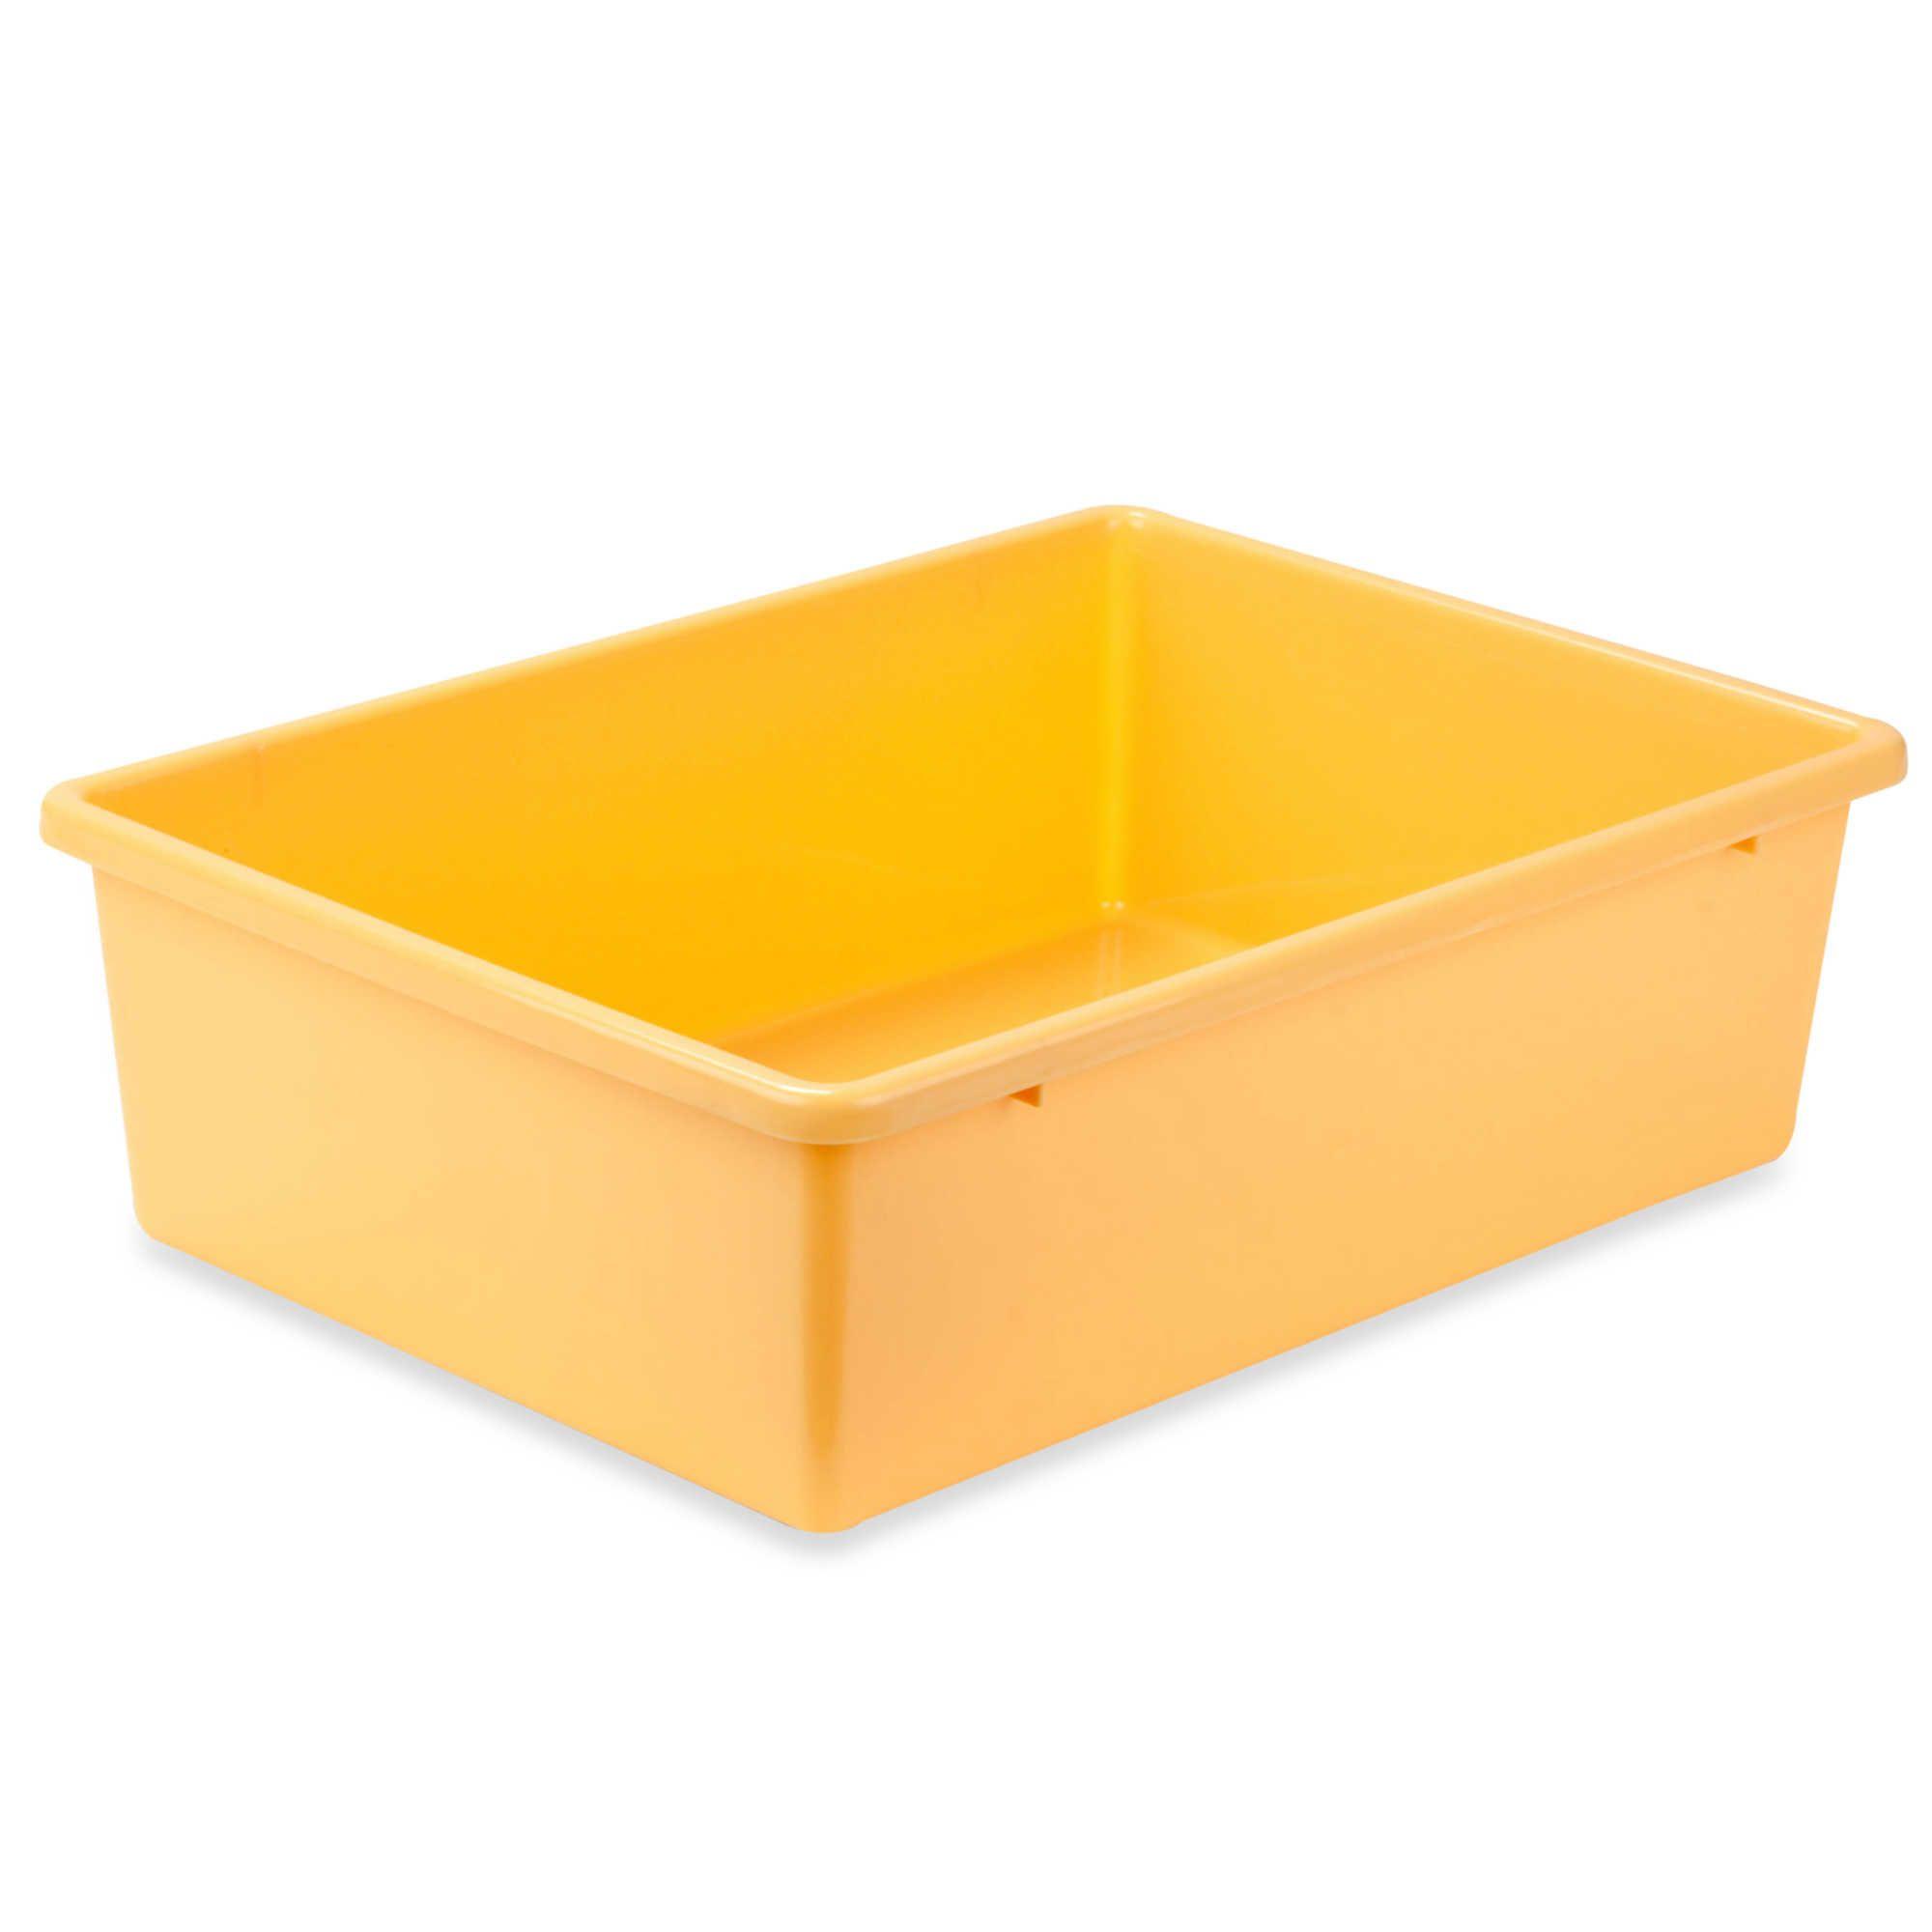 Honeycando large plastic storage bin in yellow